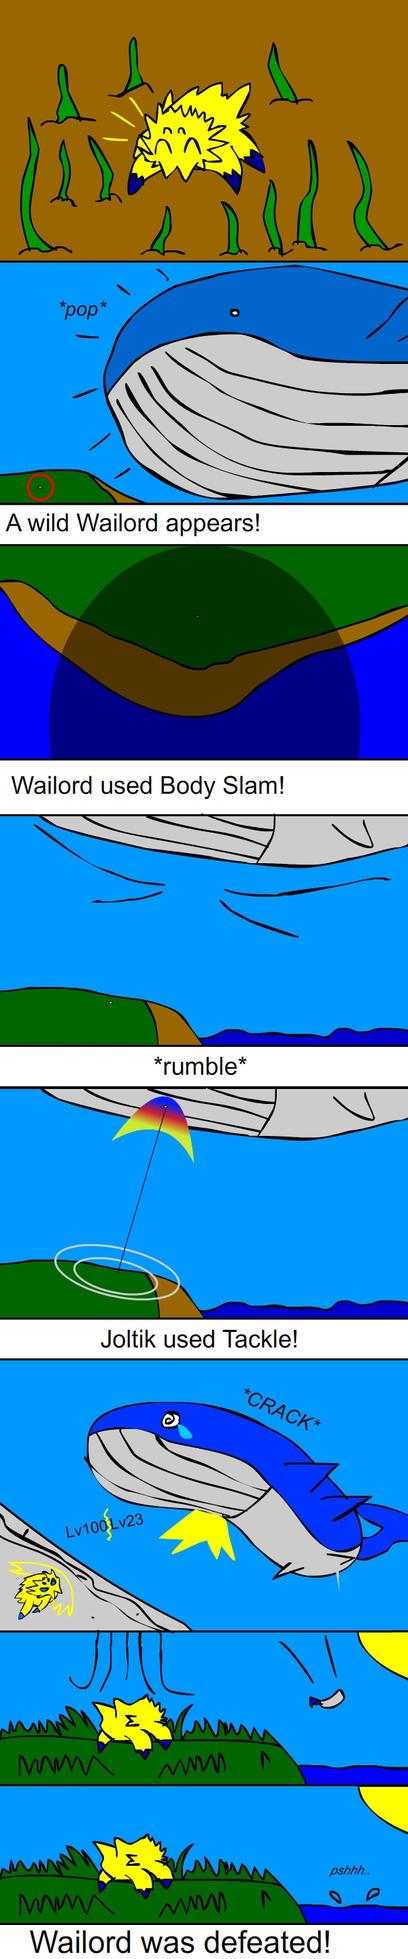 Pokemon Wailord Size Comparison Images | Pokemon Images Wailord Size Comparison